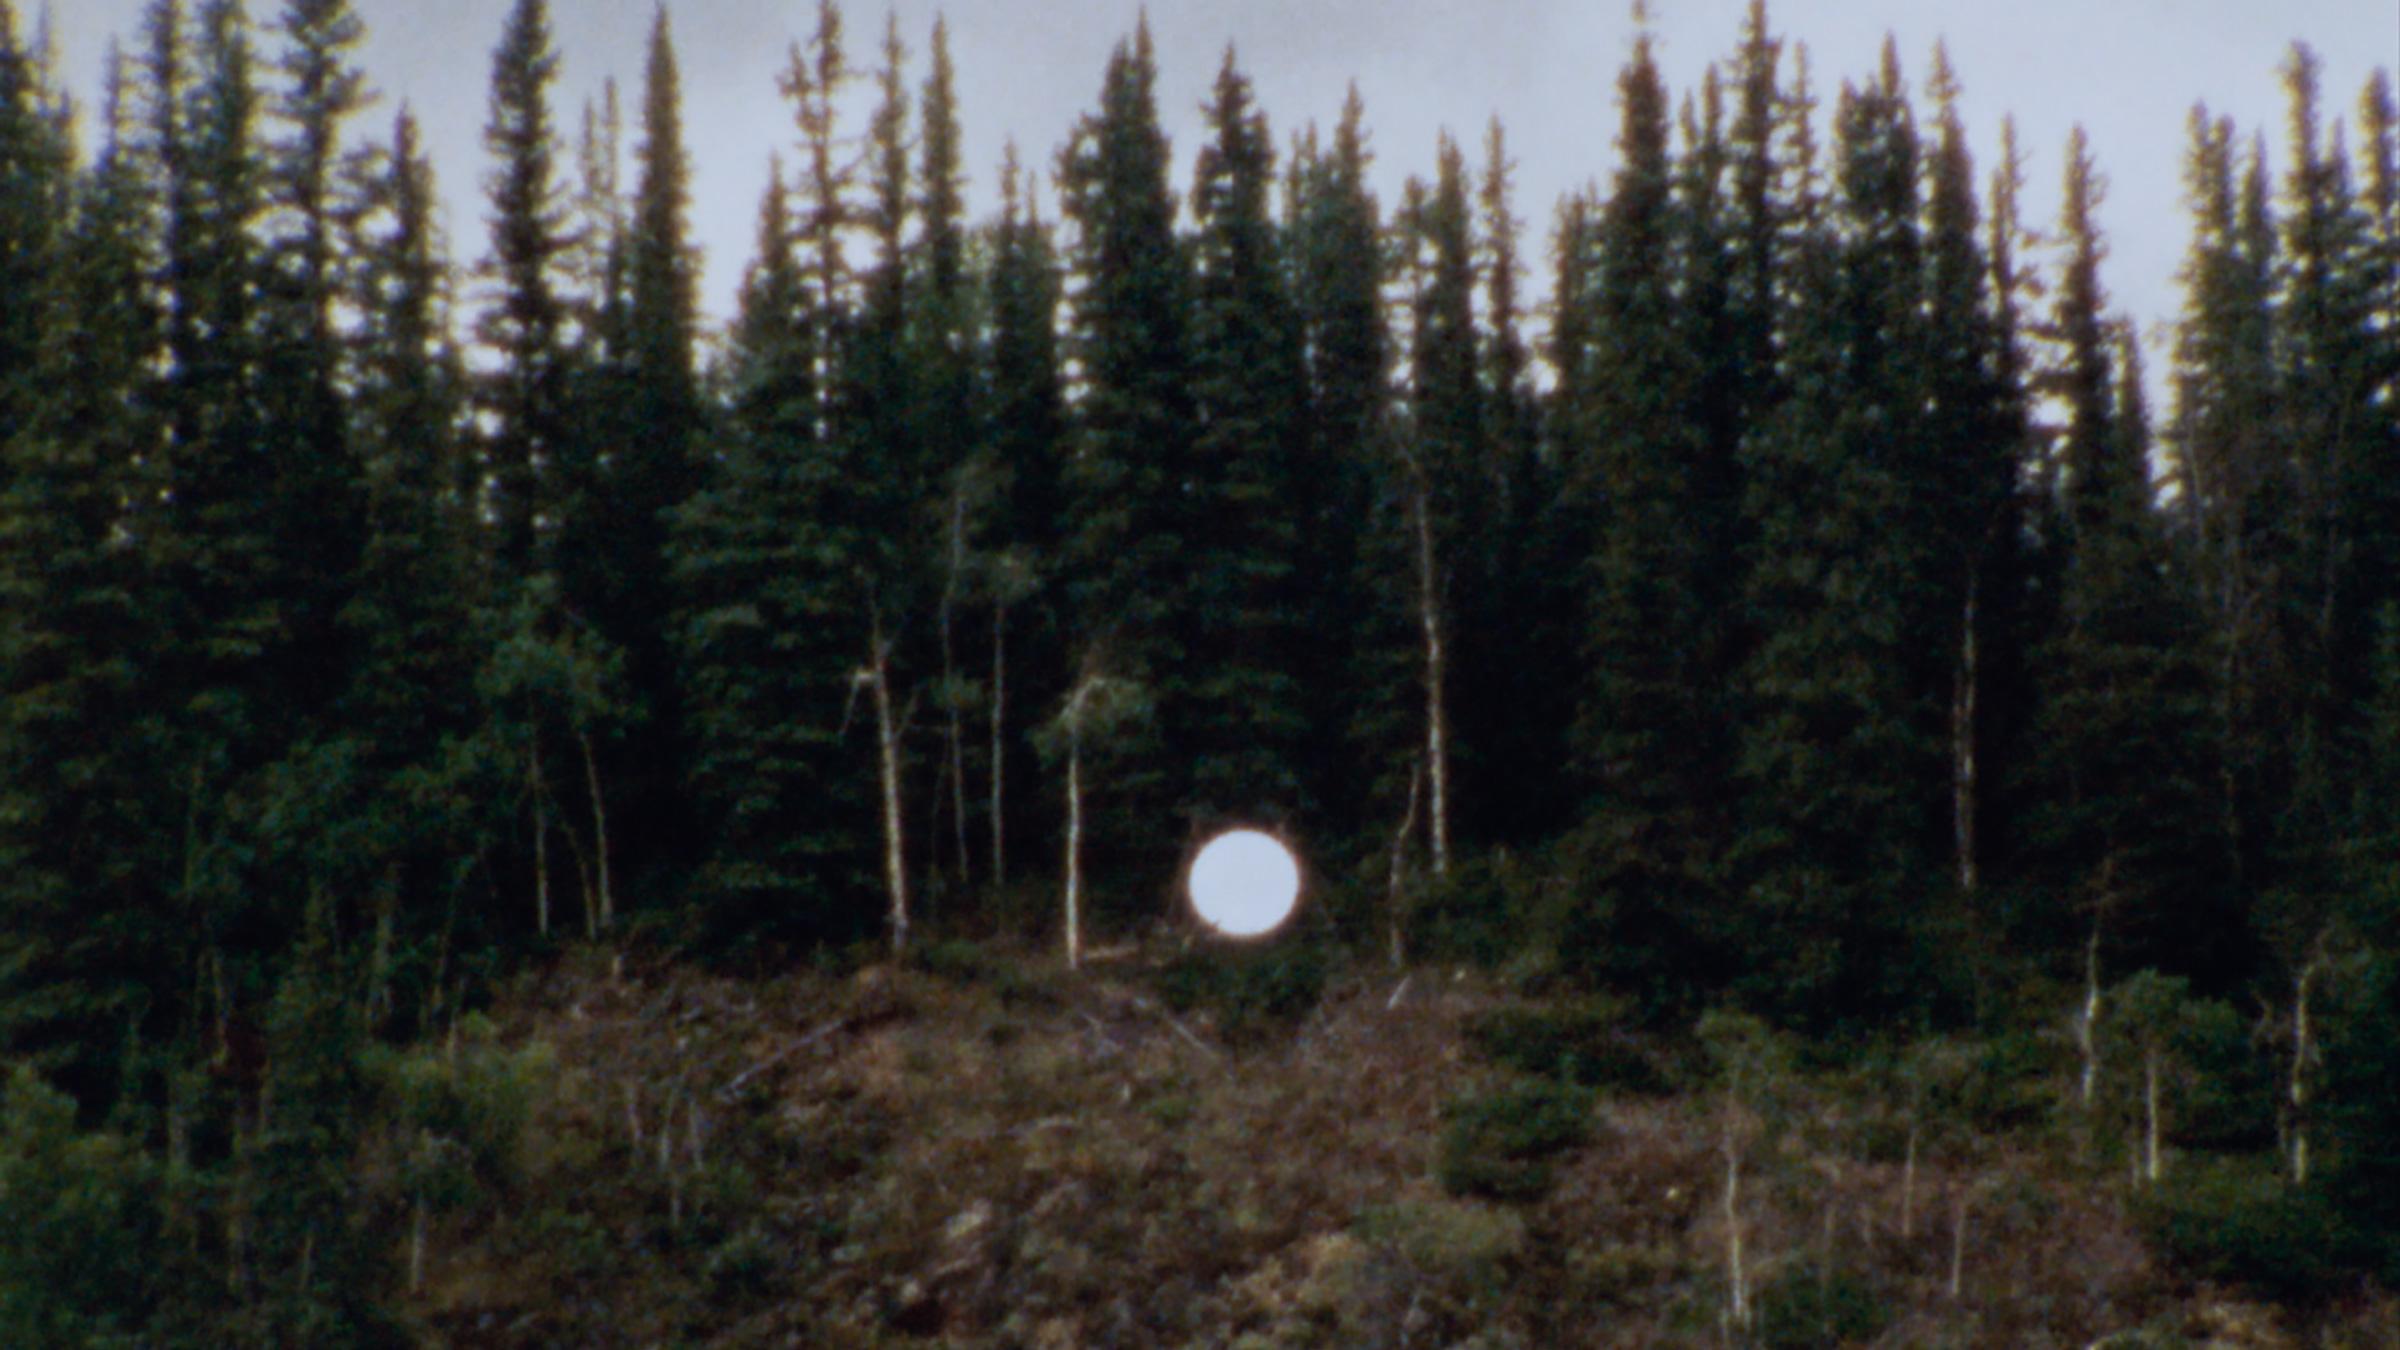 Film Still from Optimism